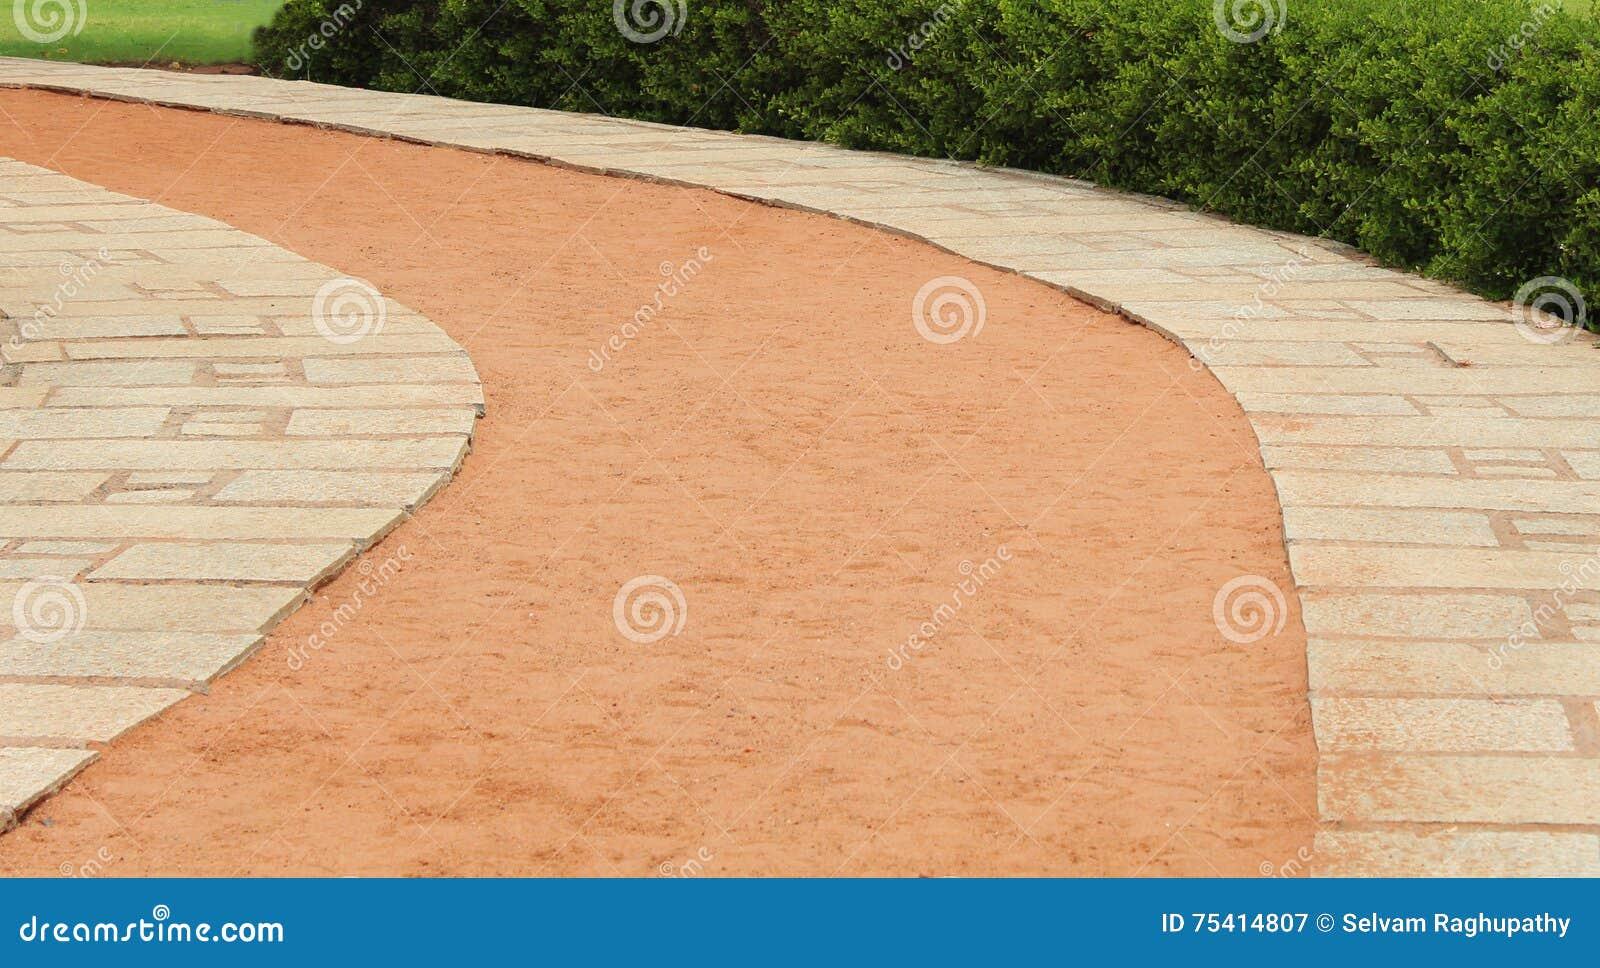 海滩曲线石头道路